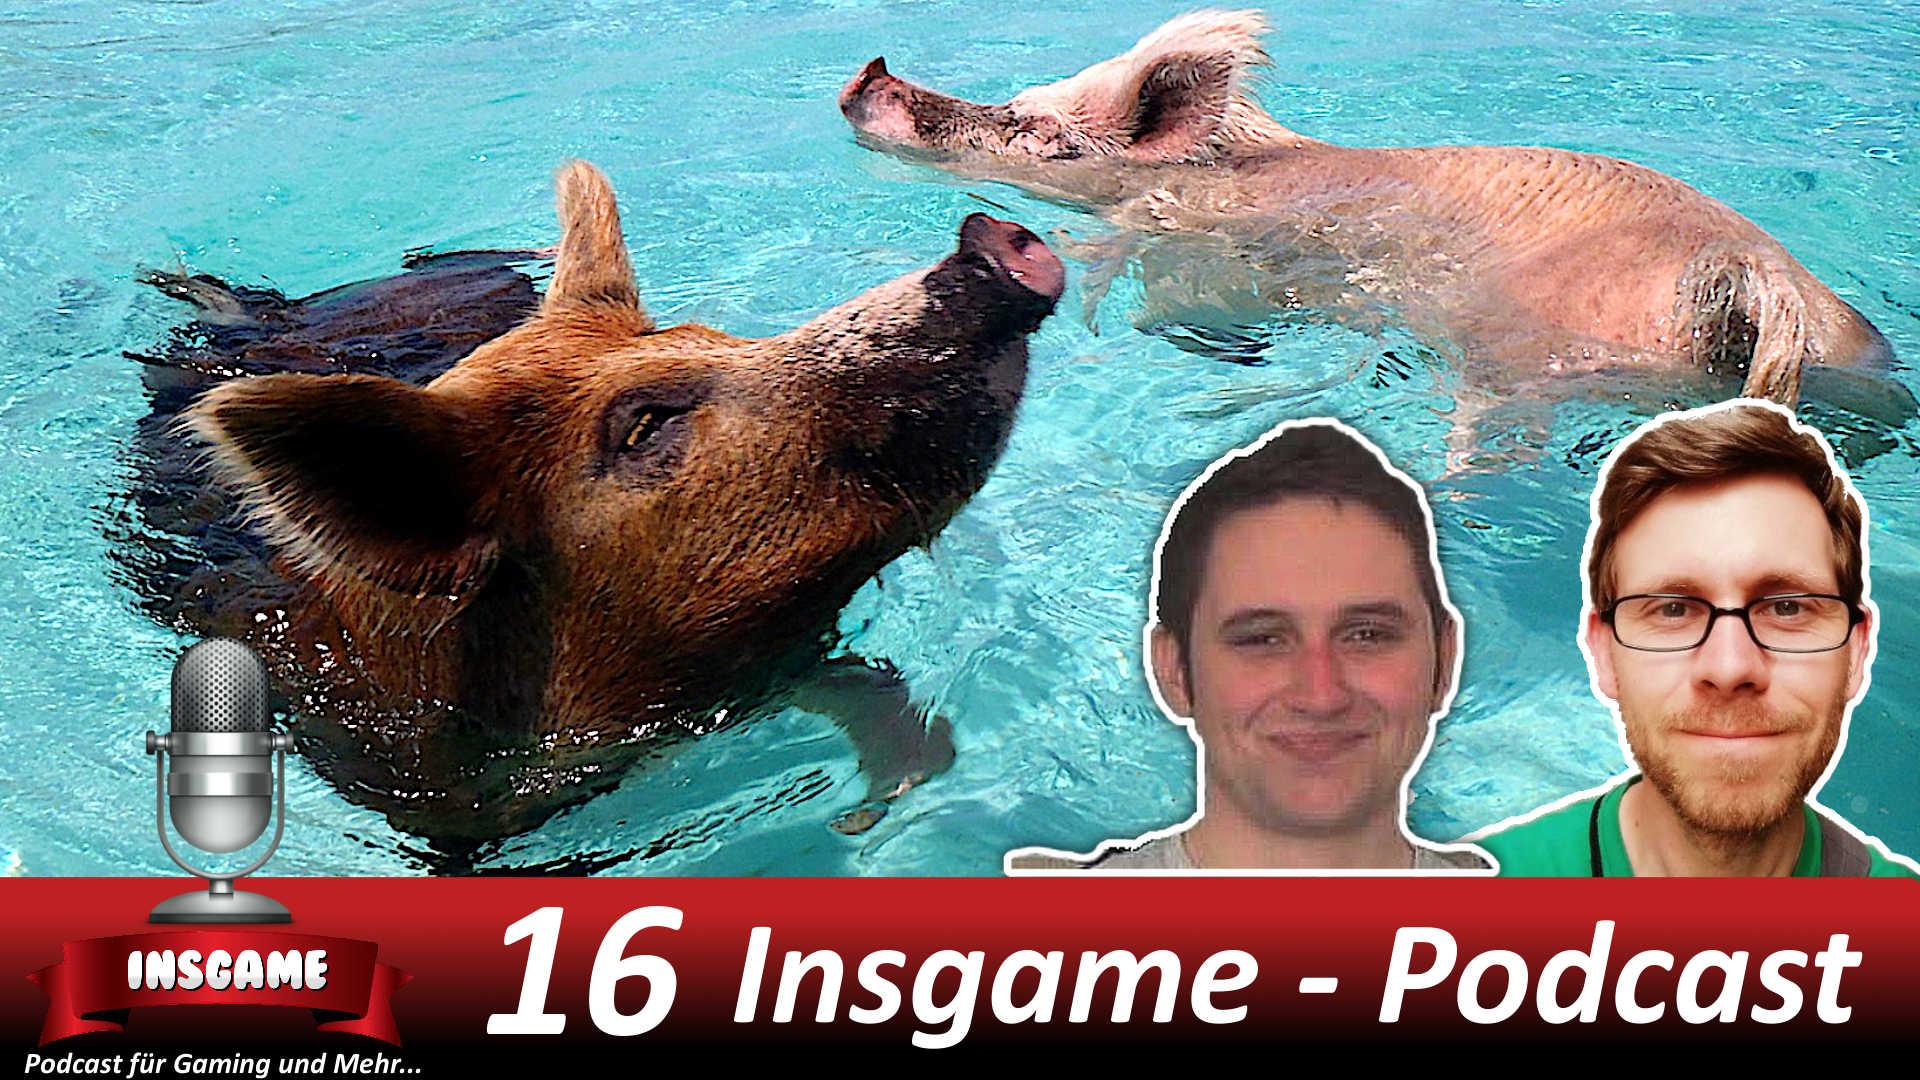 Insgame #016 Podcast für Gaming und Mehr